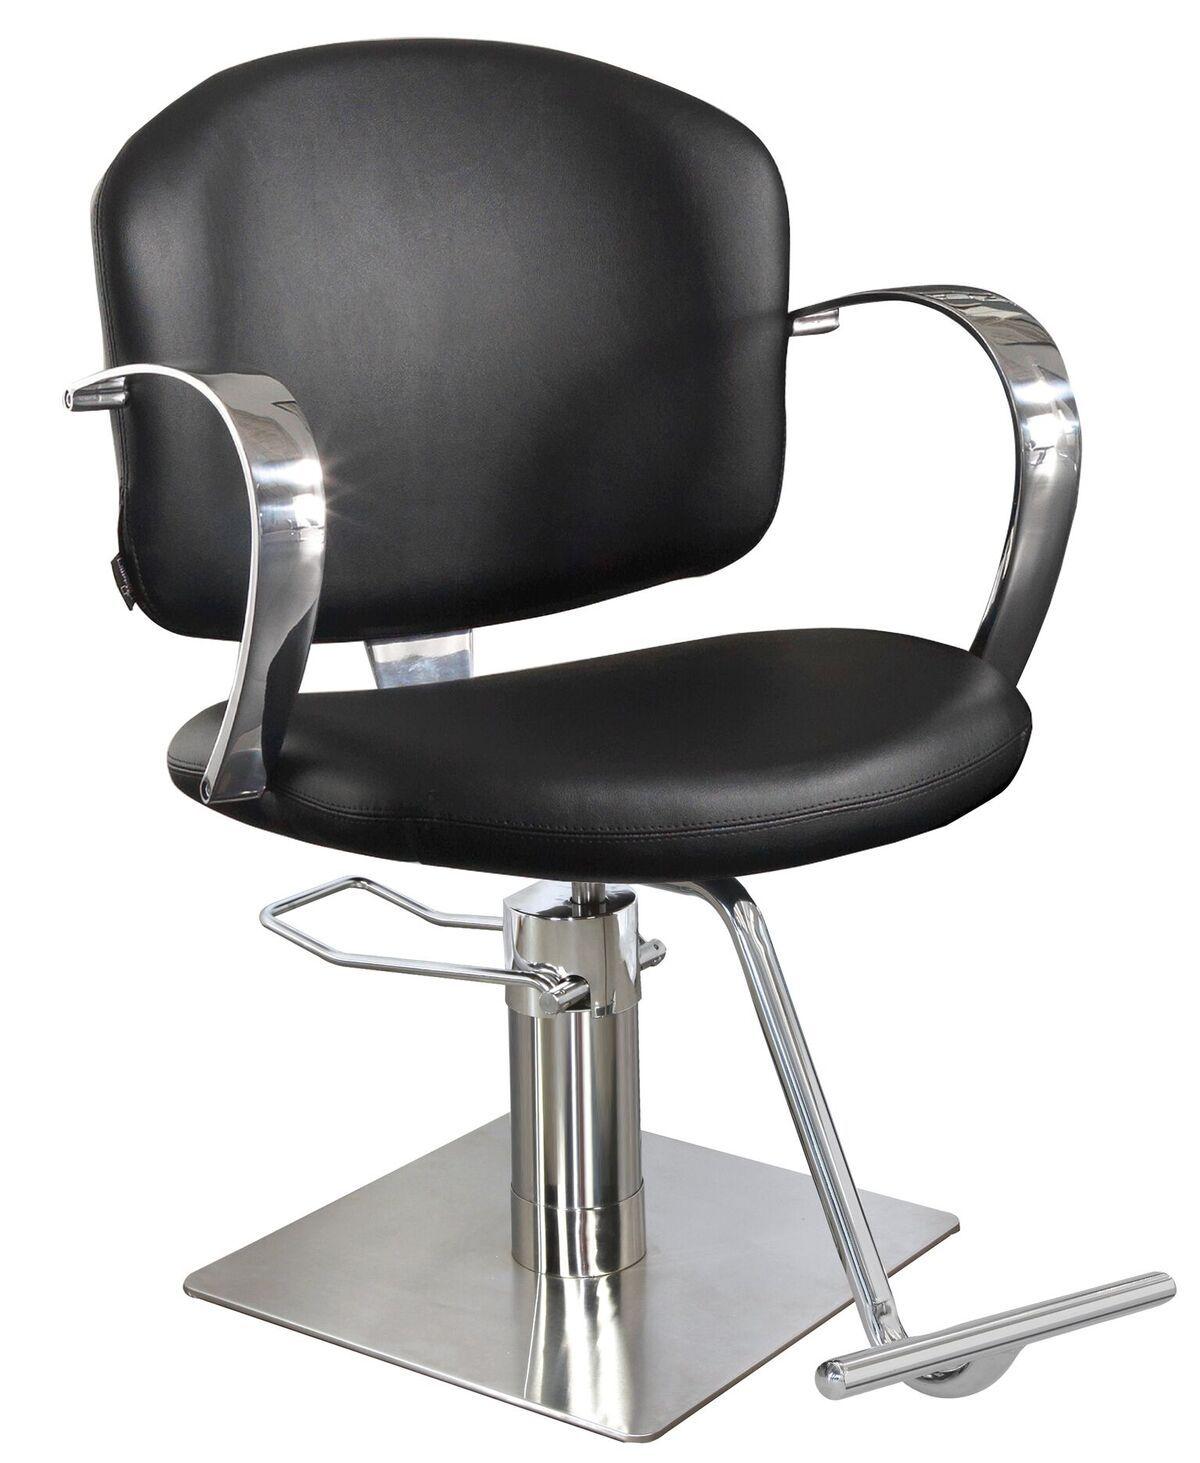 Modern barber chair - Maletti Globe Salon Chair